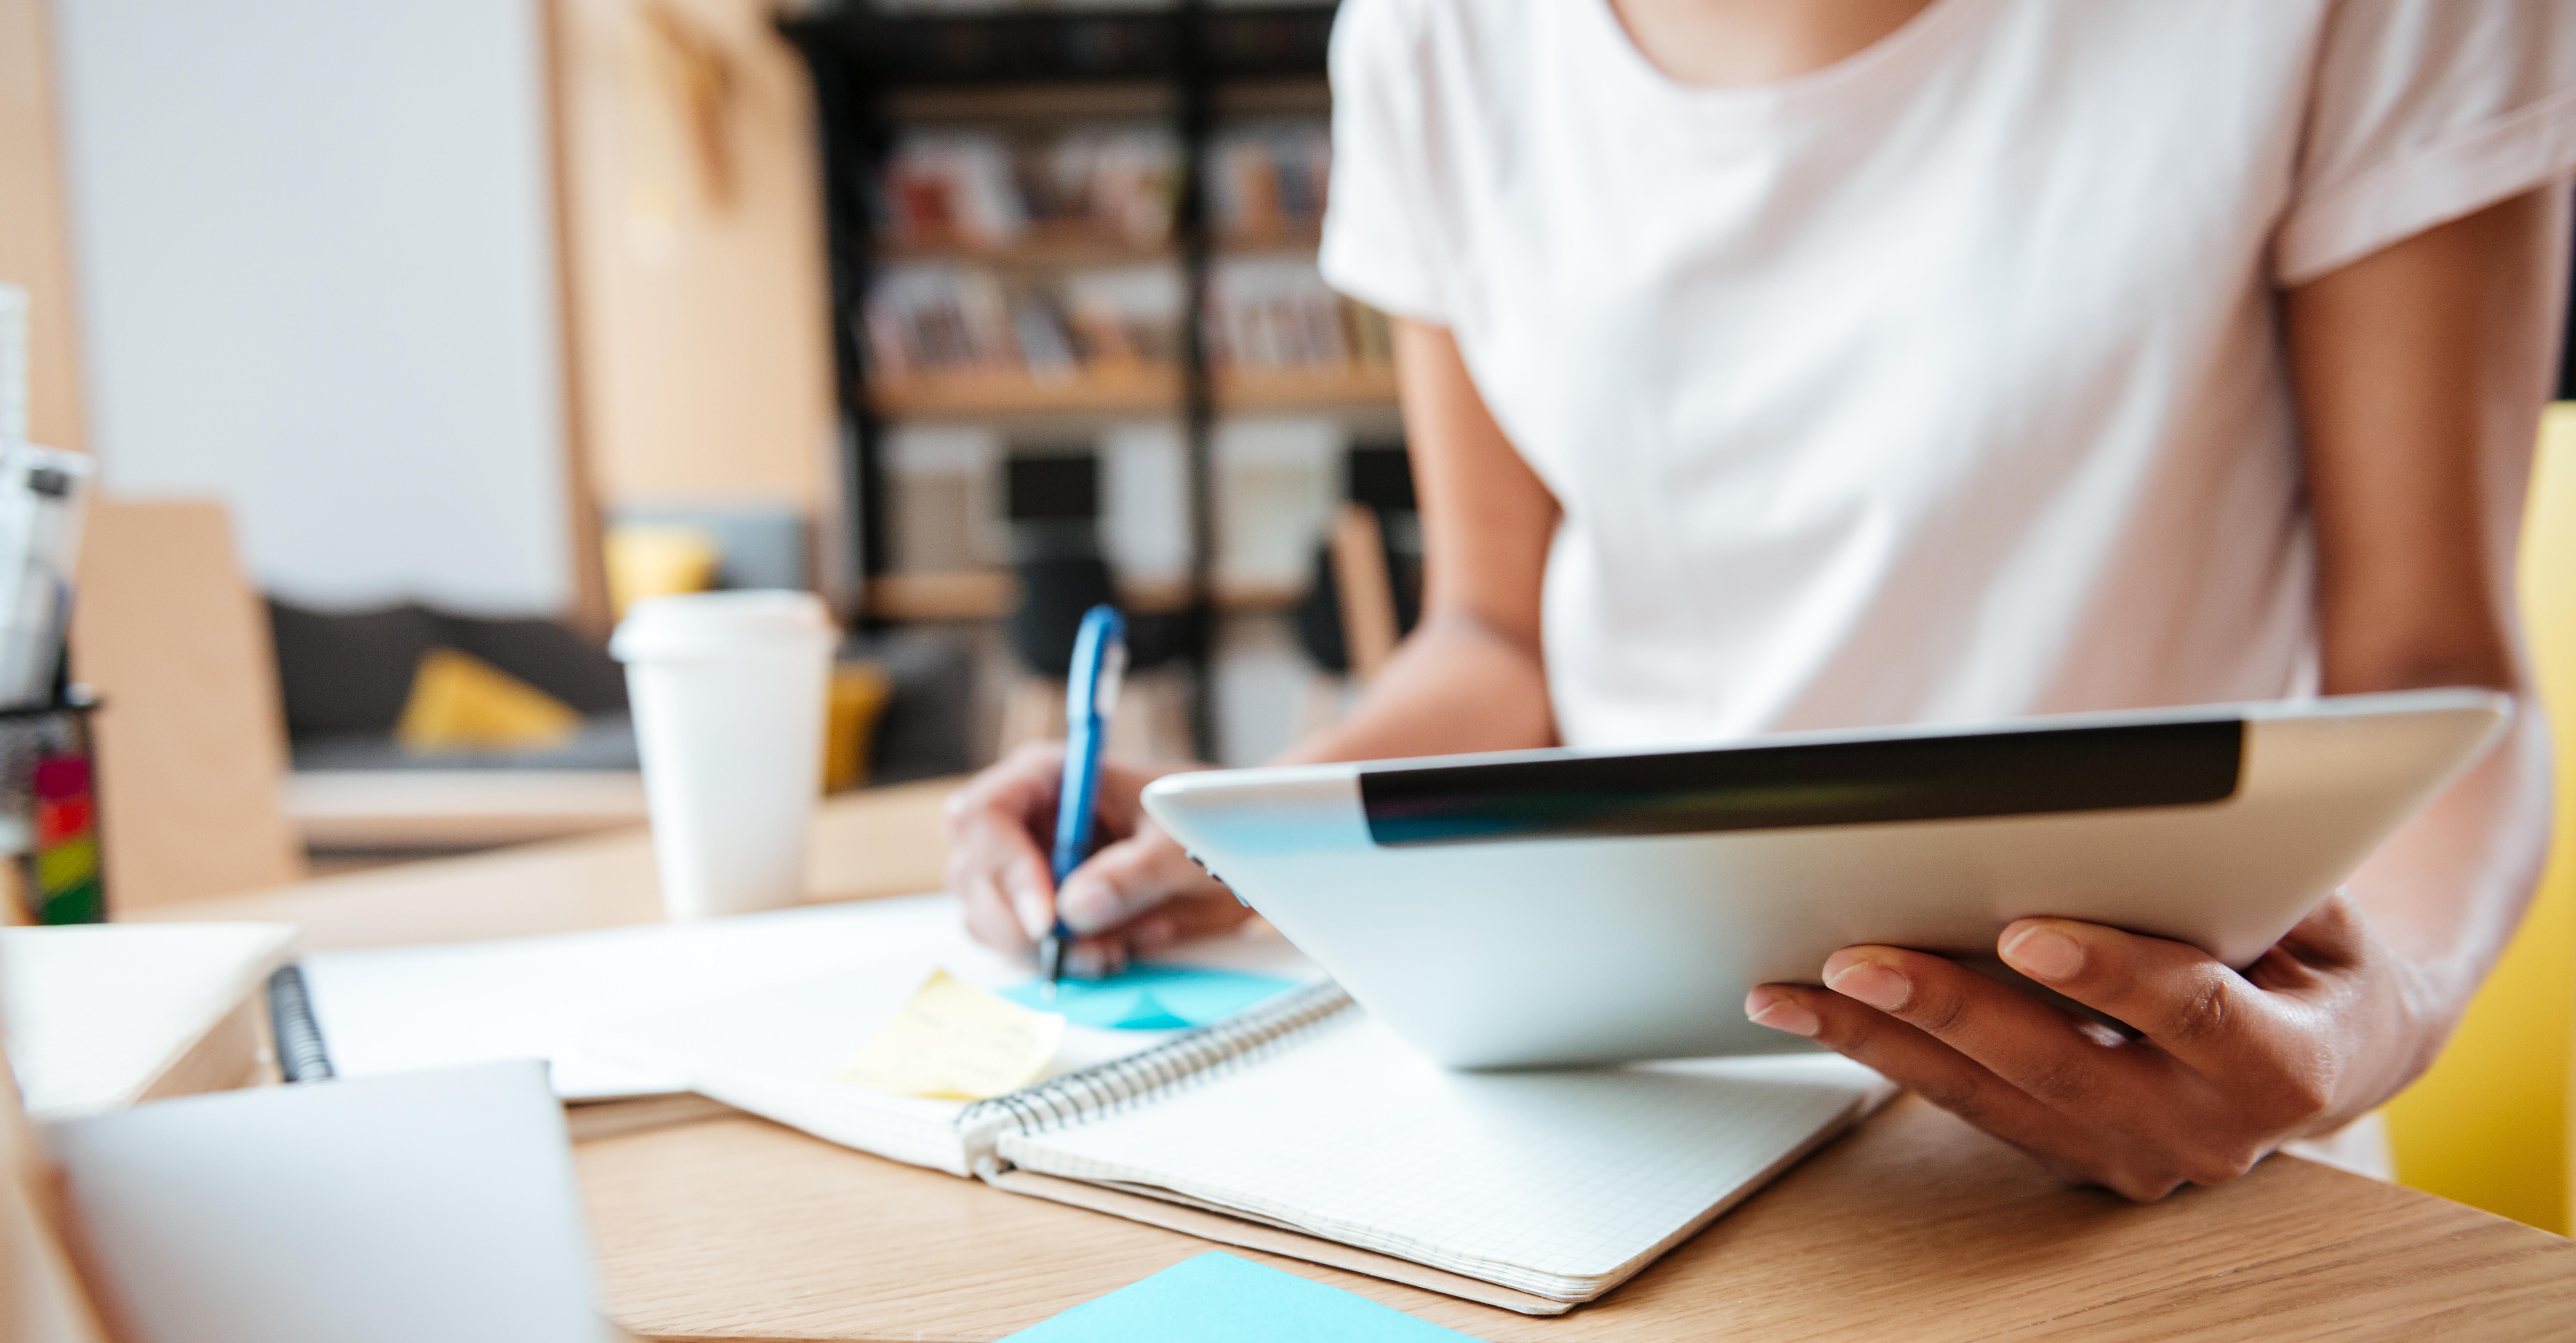 Kvinna håller läsplatta i handen och antecknar samtidigt i block.